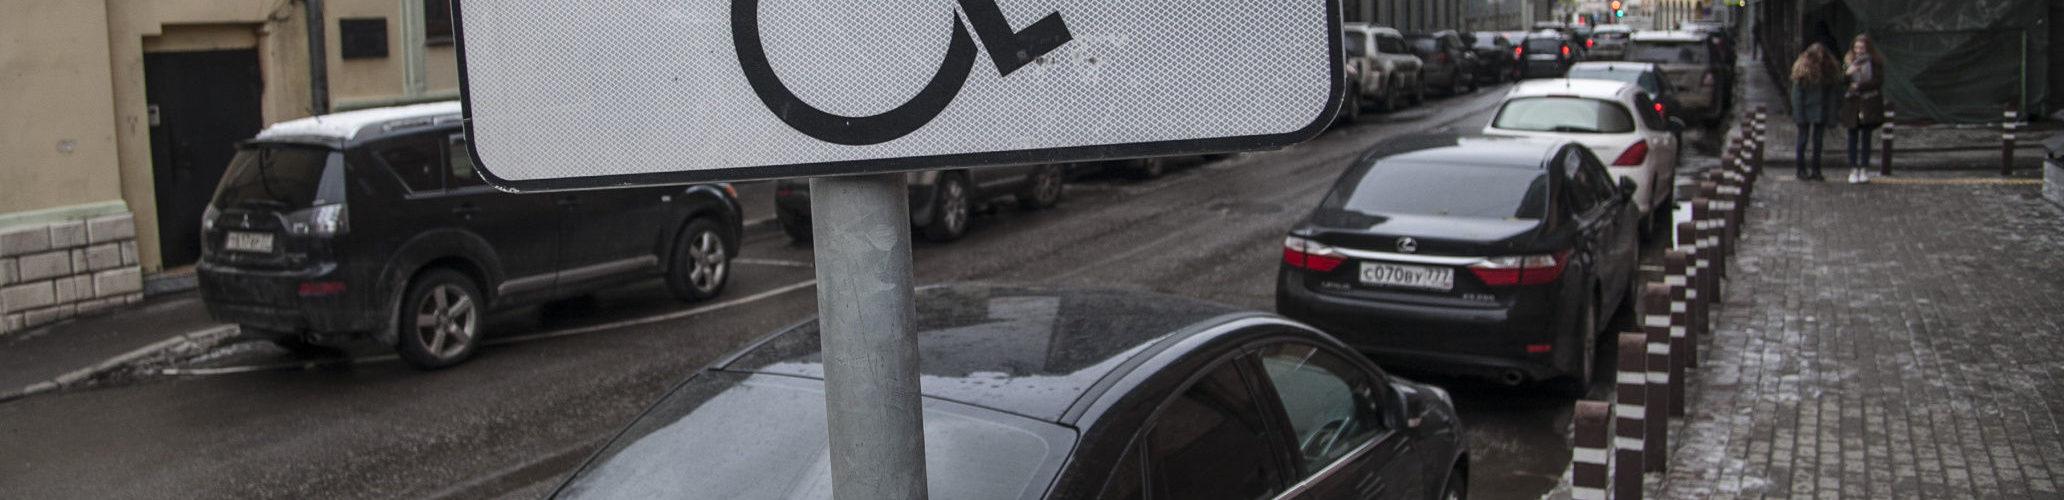 Парковка для инвалидов в Москве: правила 2017